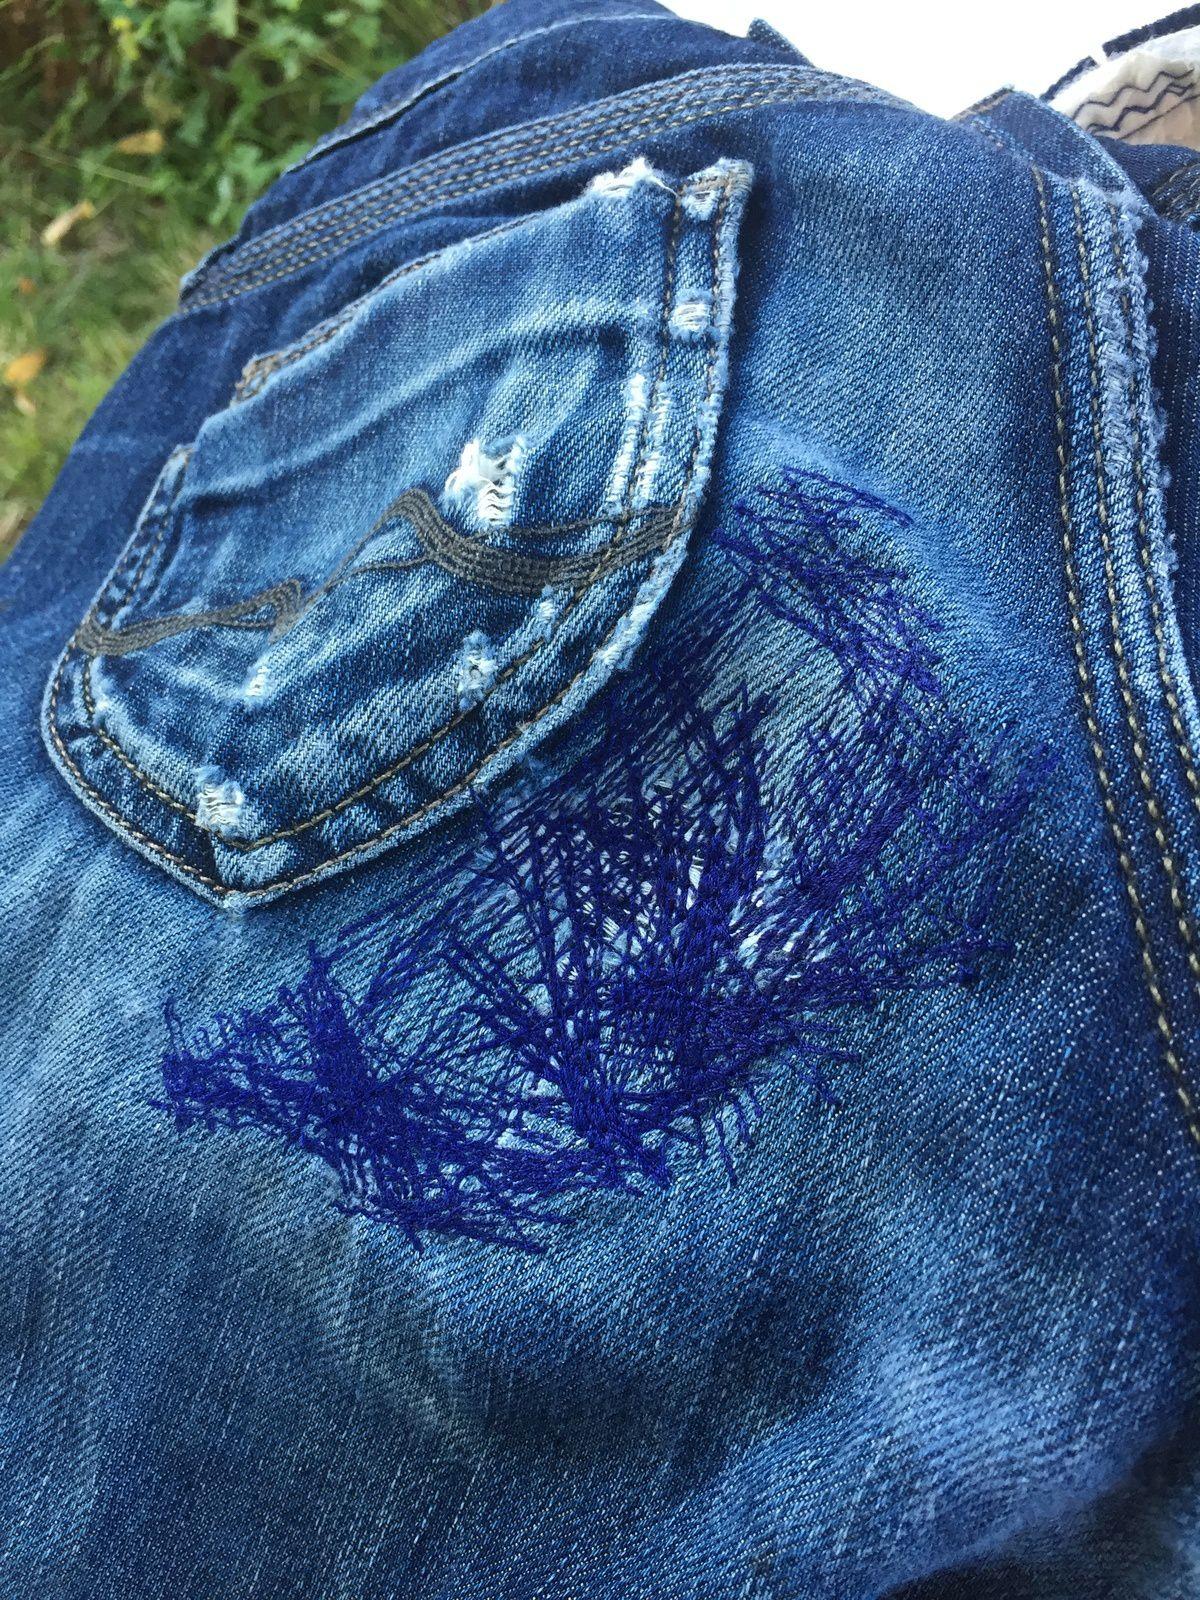 couture reprise d'un jean troué #jean #raccommoder #charlotteblablablog